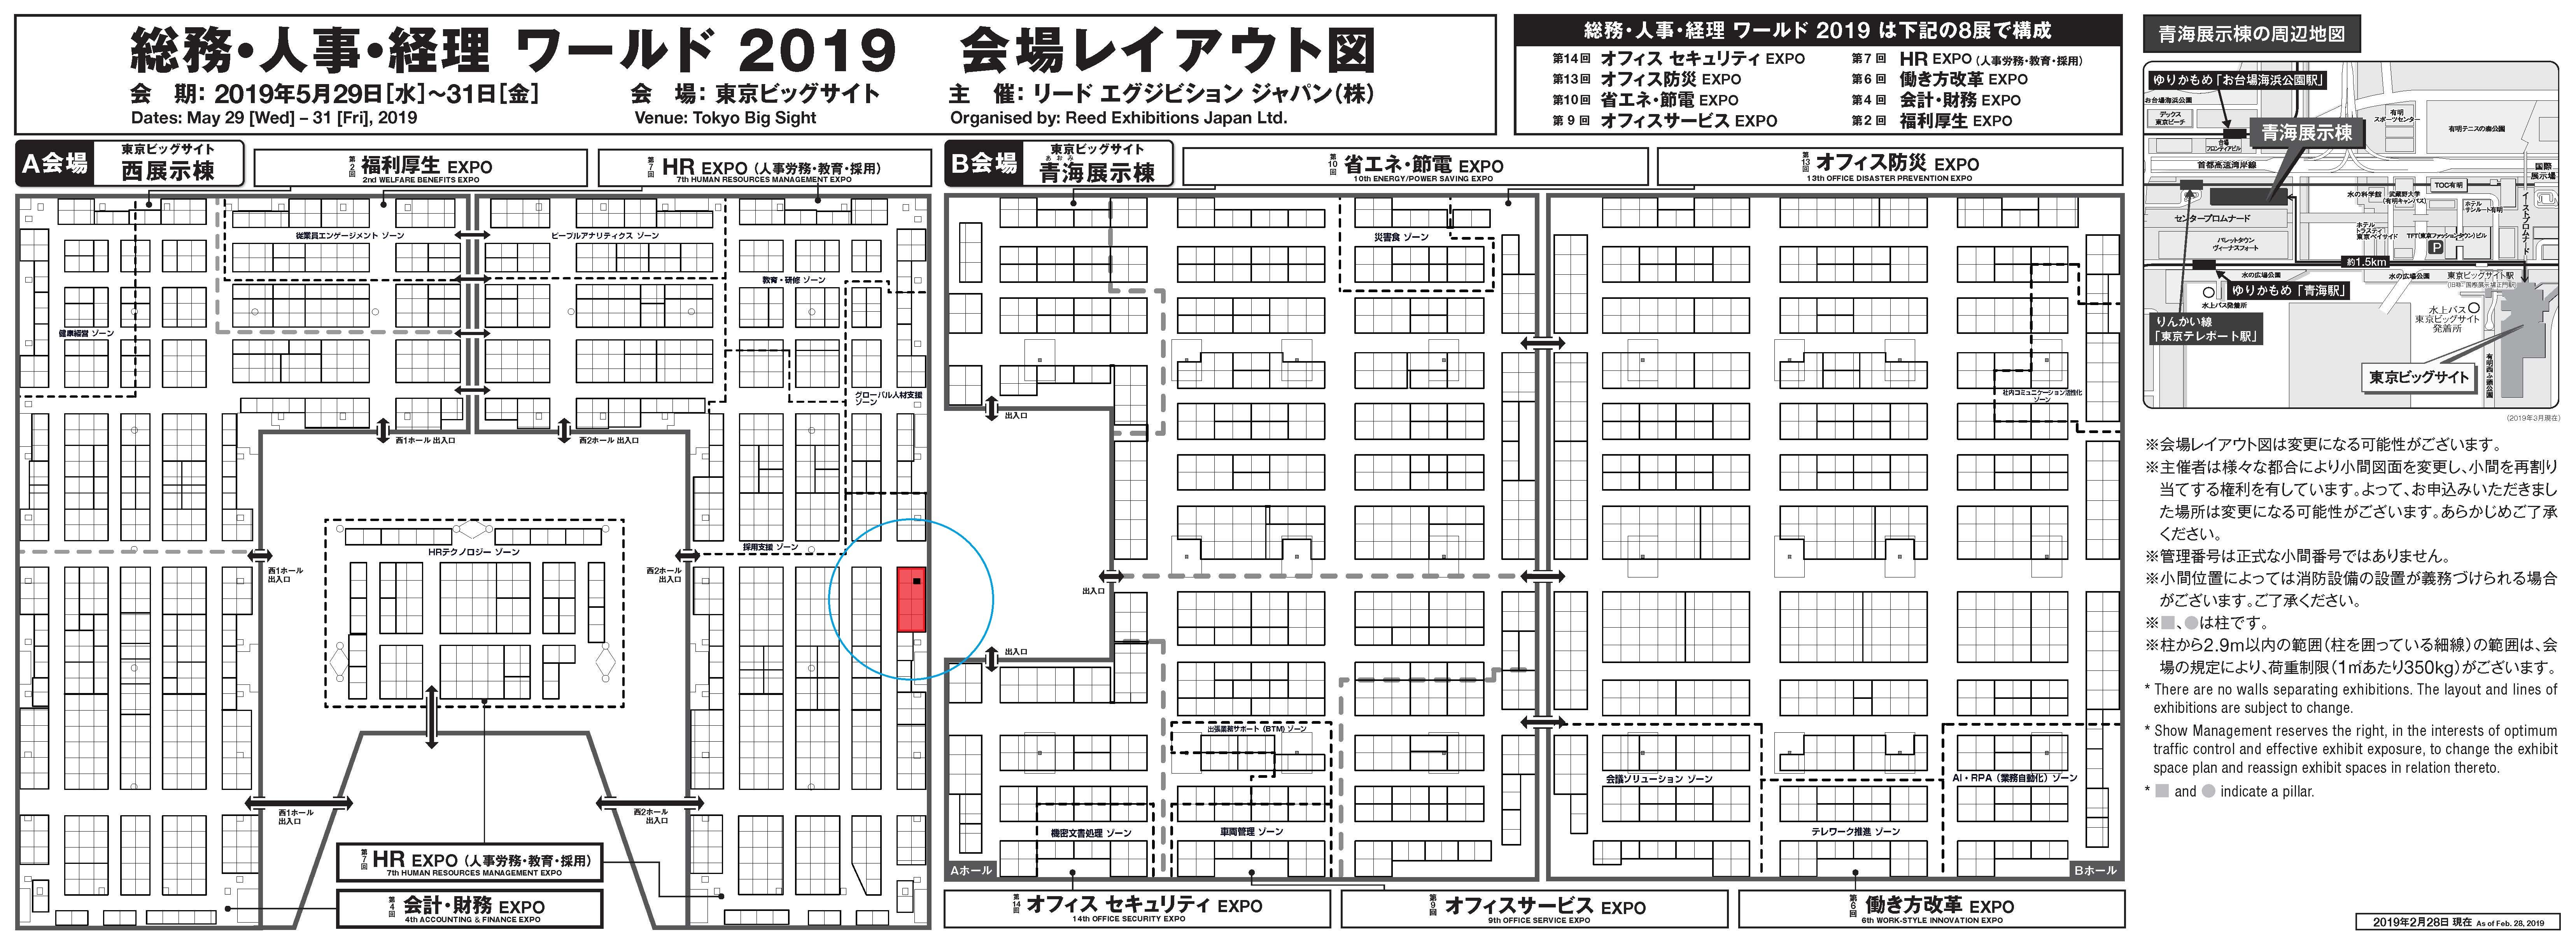 ホールマップ